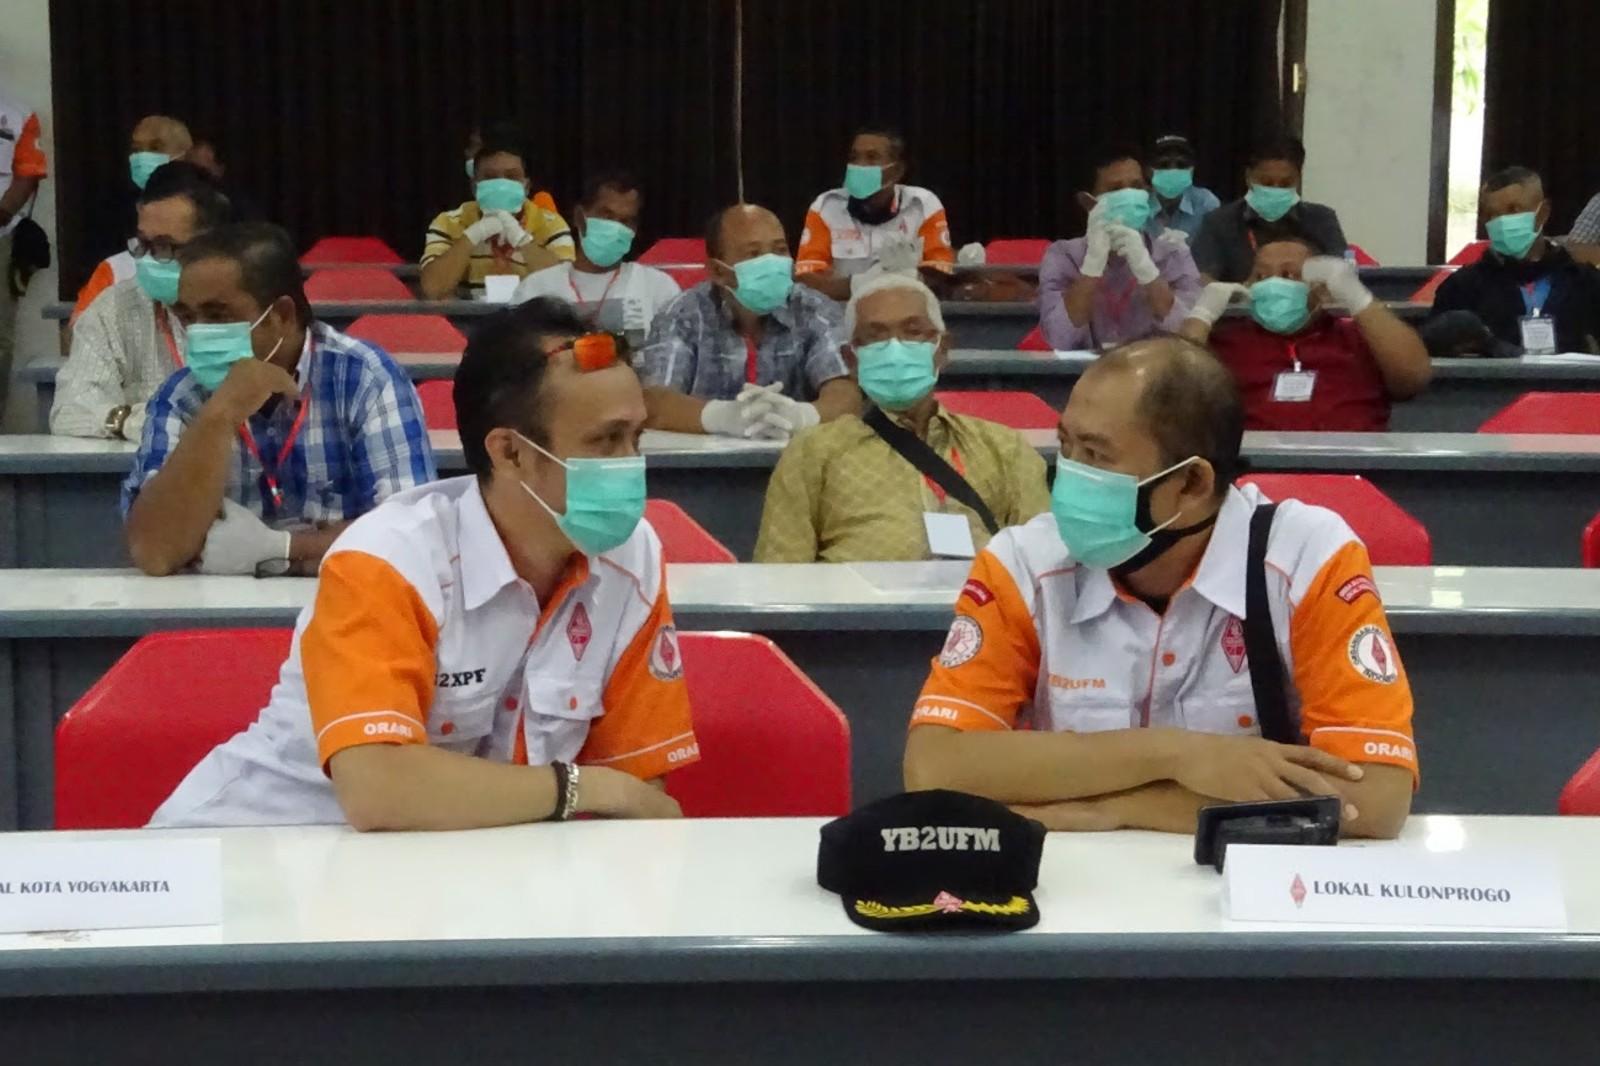 YB2XPF dan YB2UFM Ka Orlok Kota Yogyakarta dan Kulonprogo di UNAR Non Reguler 2020